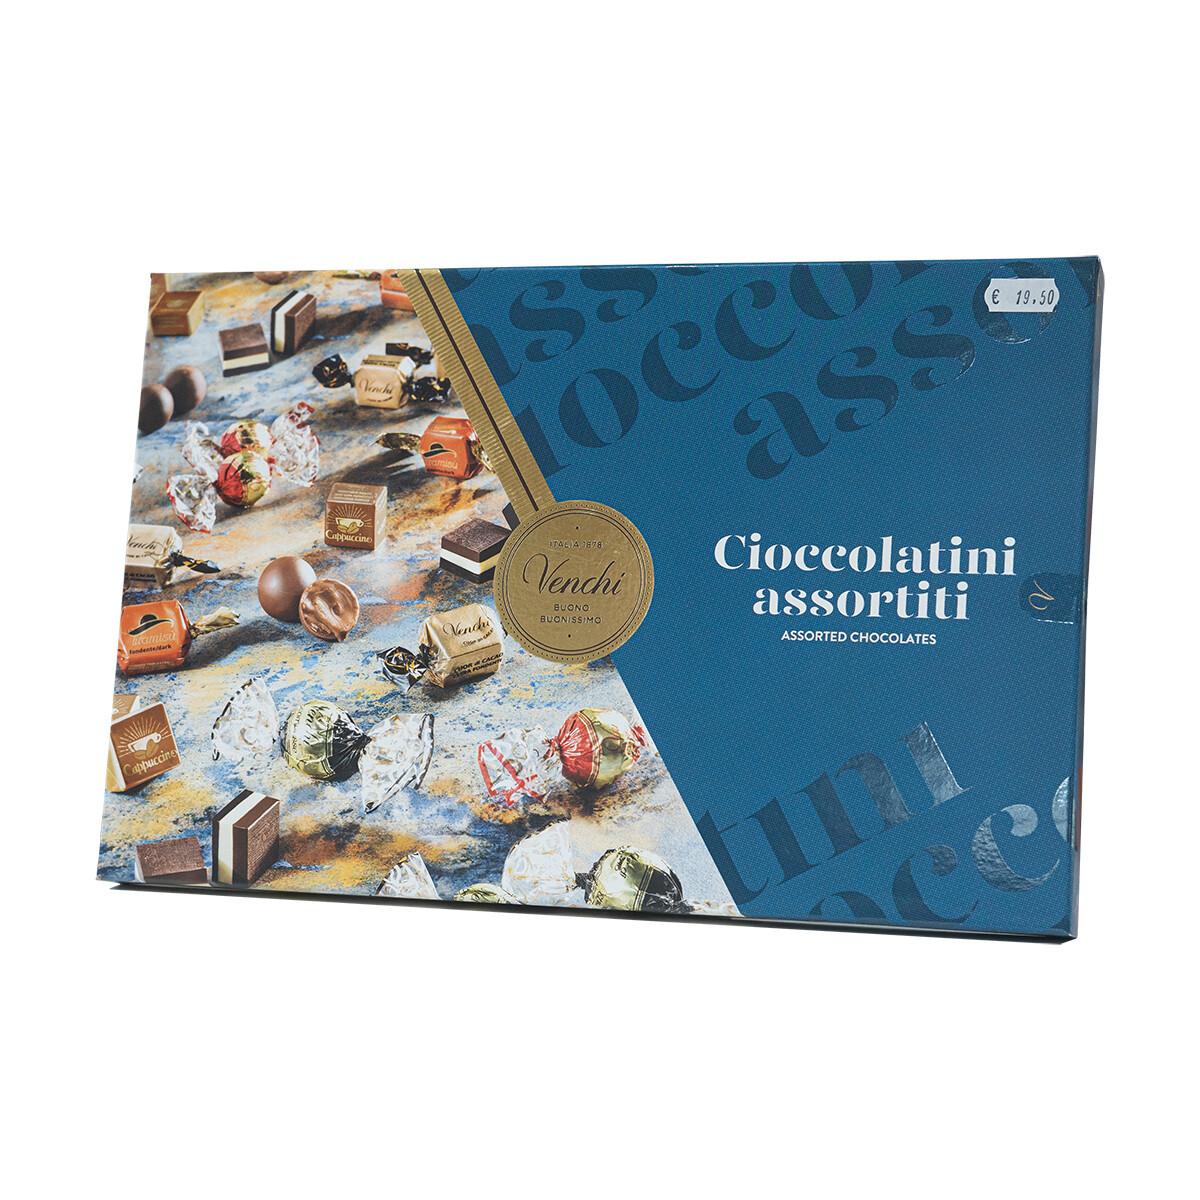 Cioccolatini assortiti in confezione regalo di Venchi